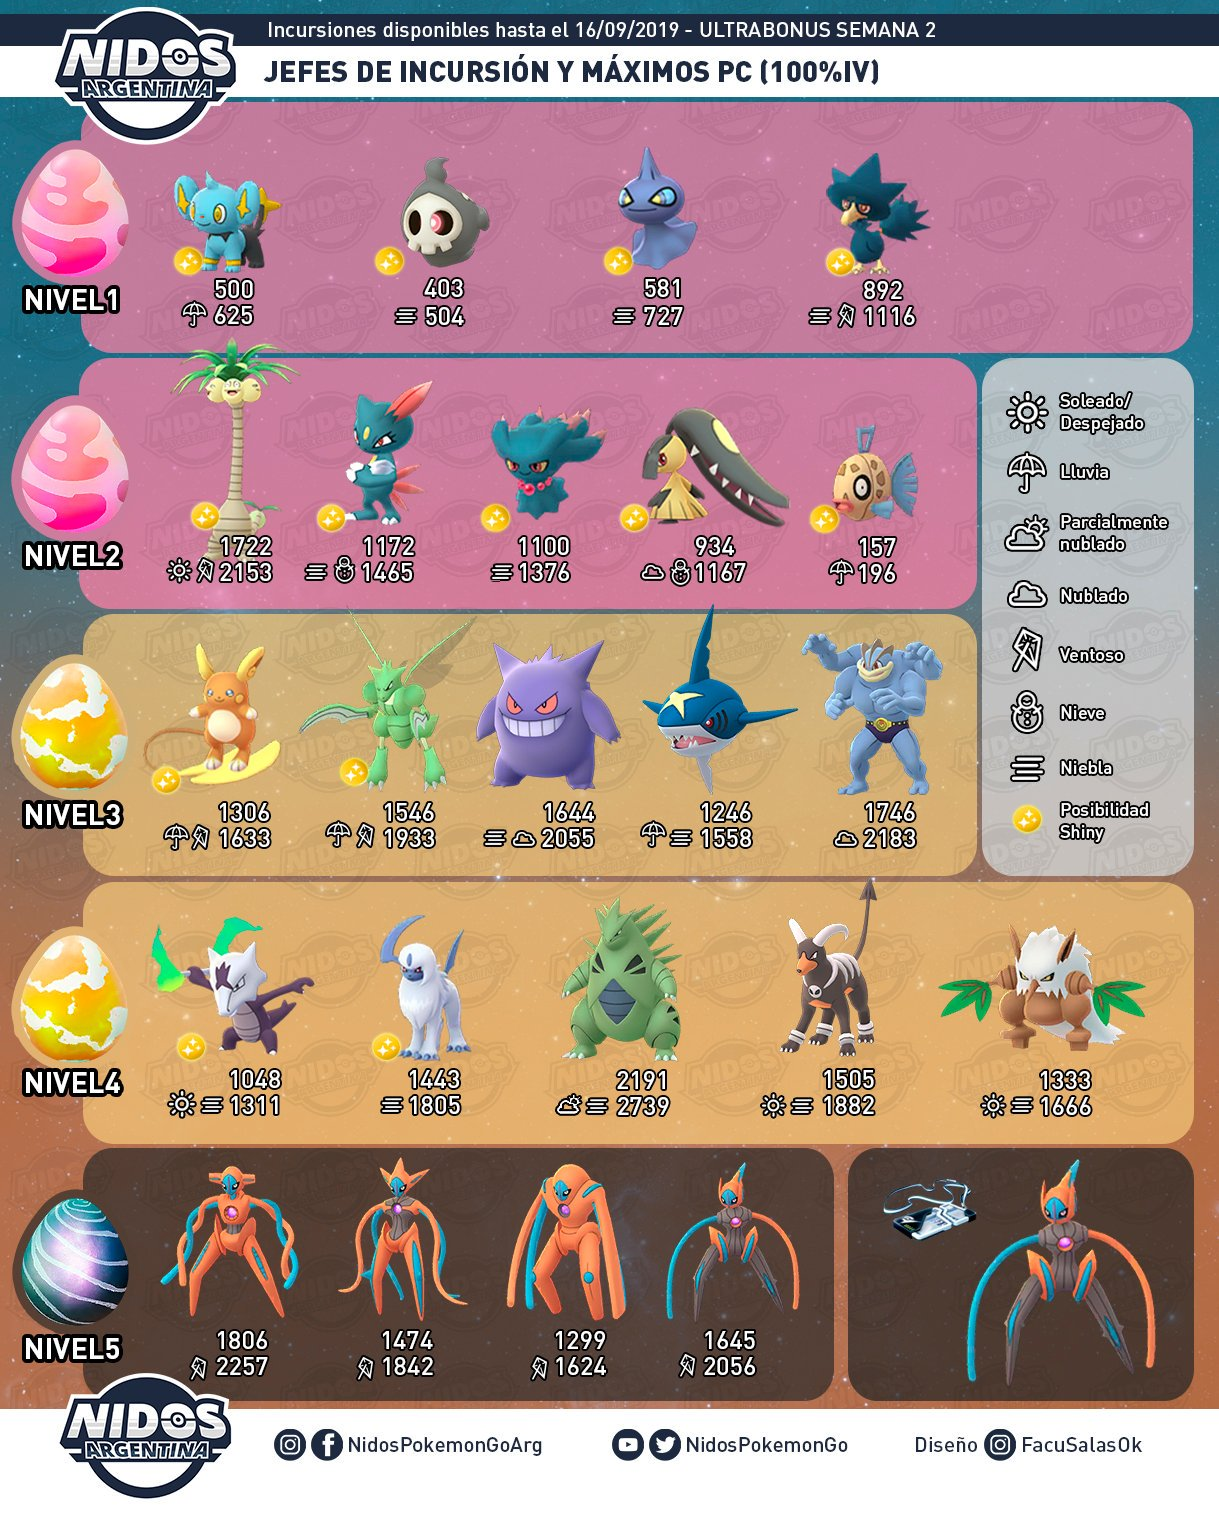 Imagen de las incursiones con las 4 formas de Deoxys en Pokémon GO hecho por Nidos Pokémon GO Argentina